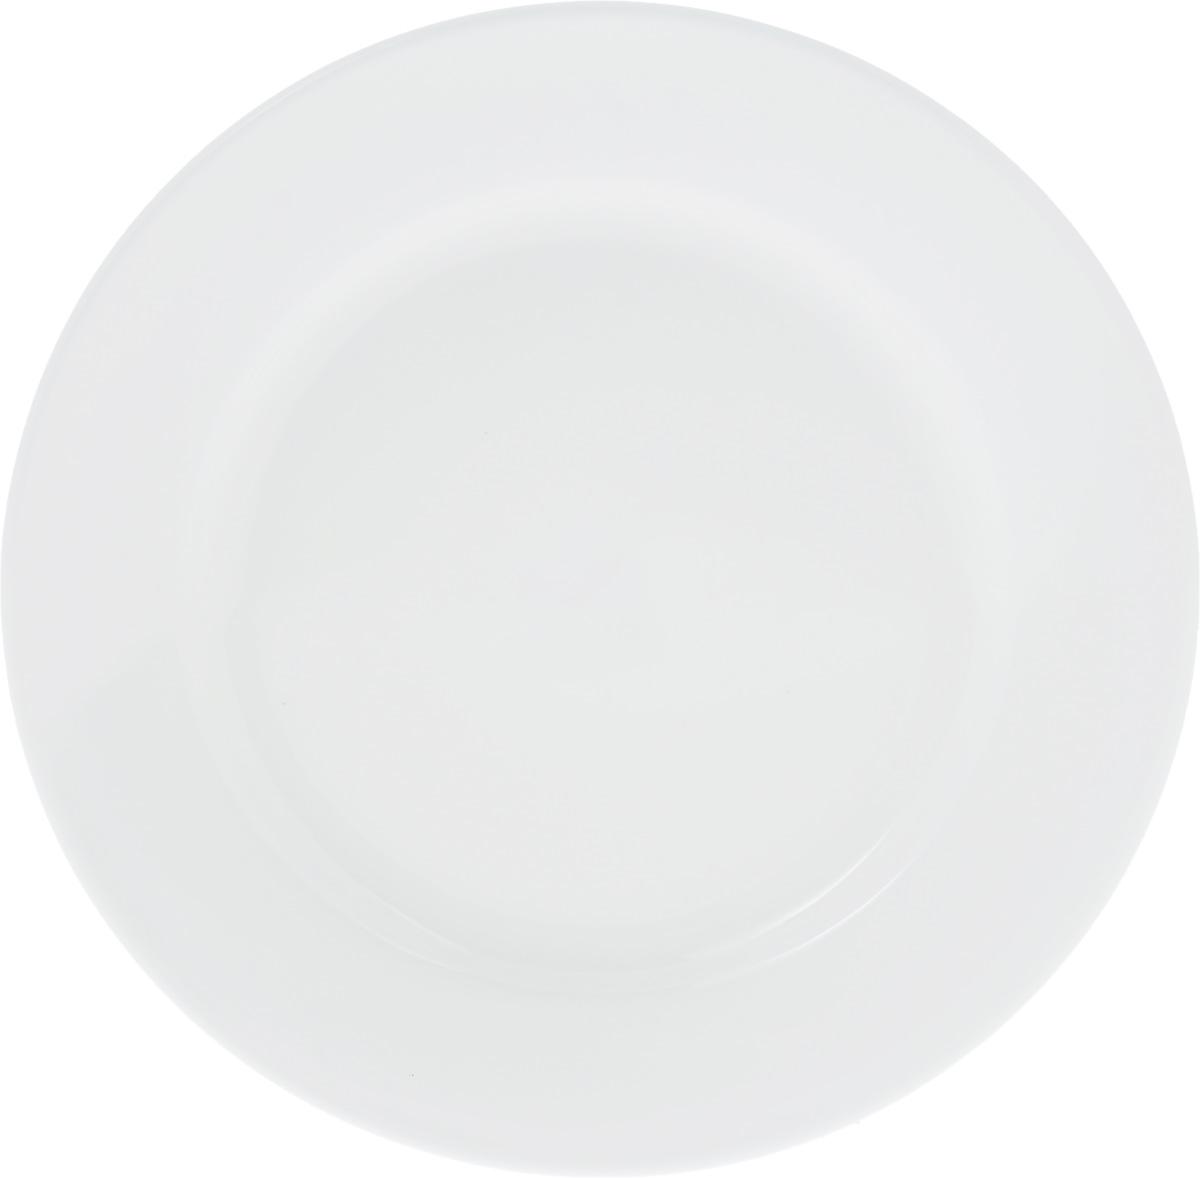 Тарелка Wilmax, диаметр 18 см. WL-991177 / A115510Тарелка Wilmax, выполненная из высококачественного фарфора, имеет классическую круглую форму.Изделие идеально подойдет для сервировки стола и станет отличным подарком к любому празднику.